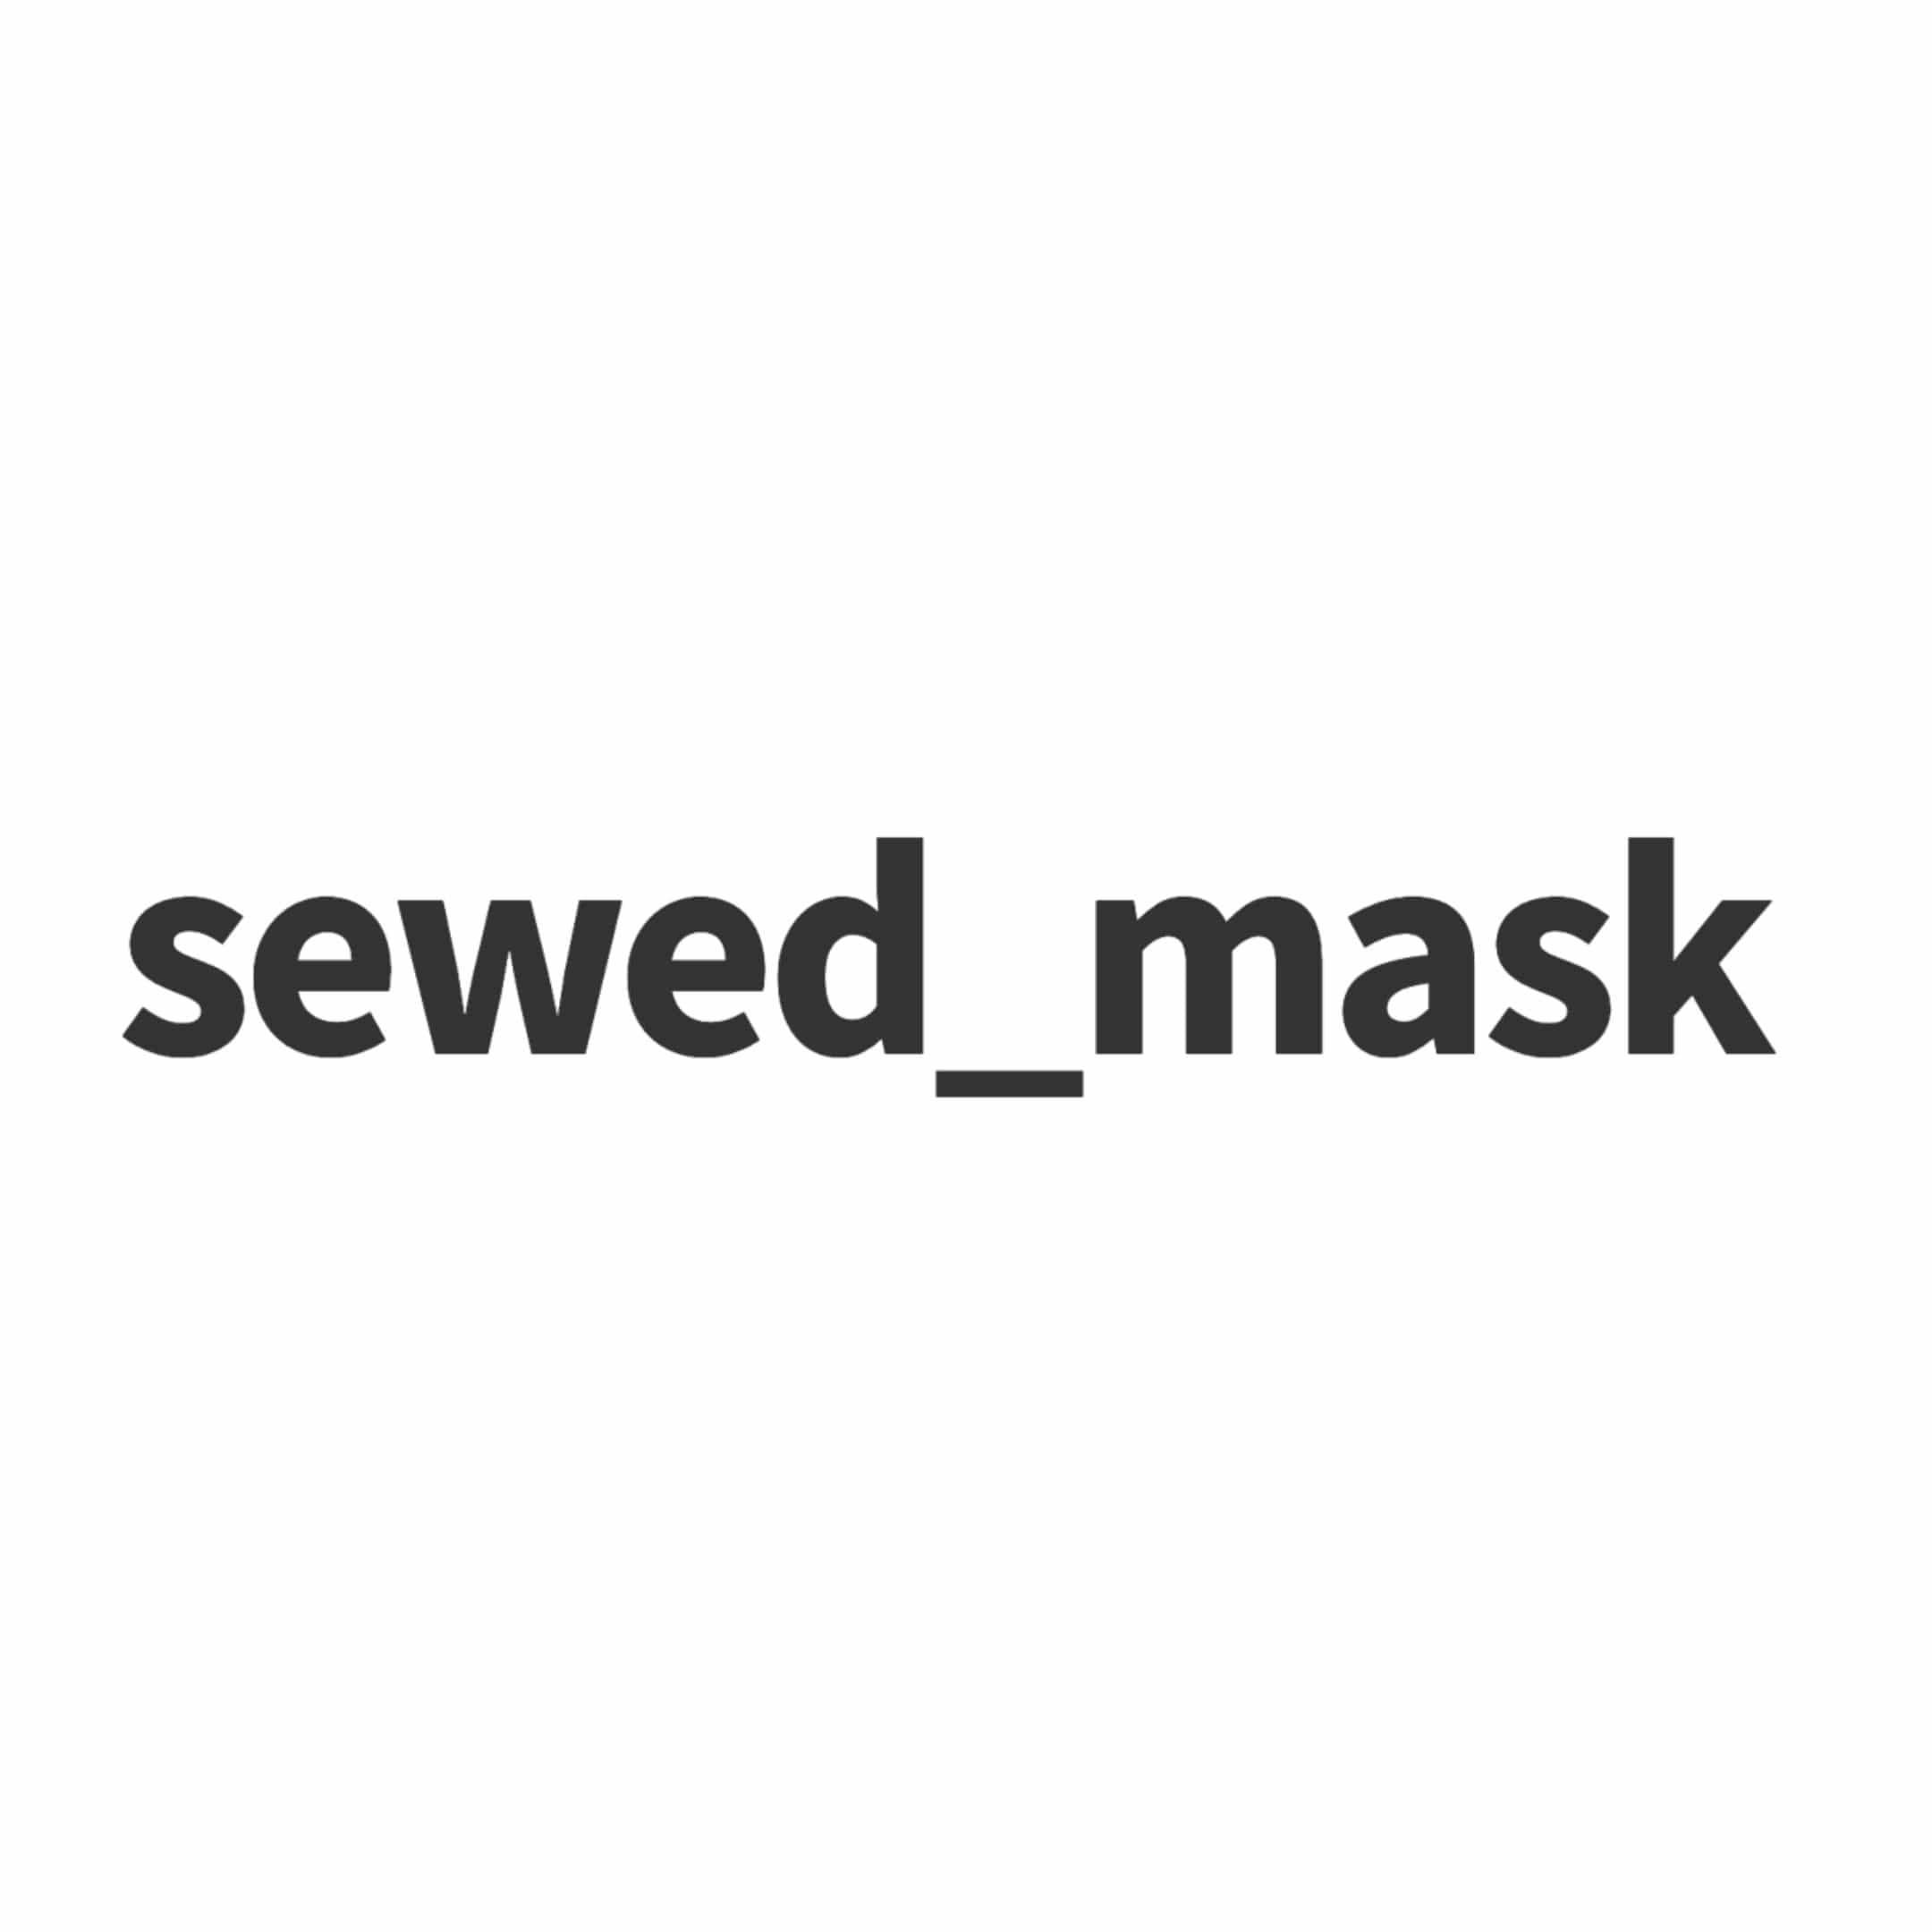 sewed_mask